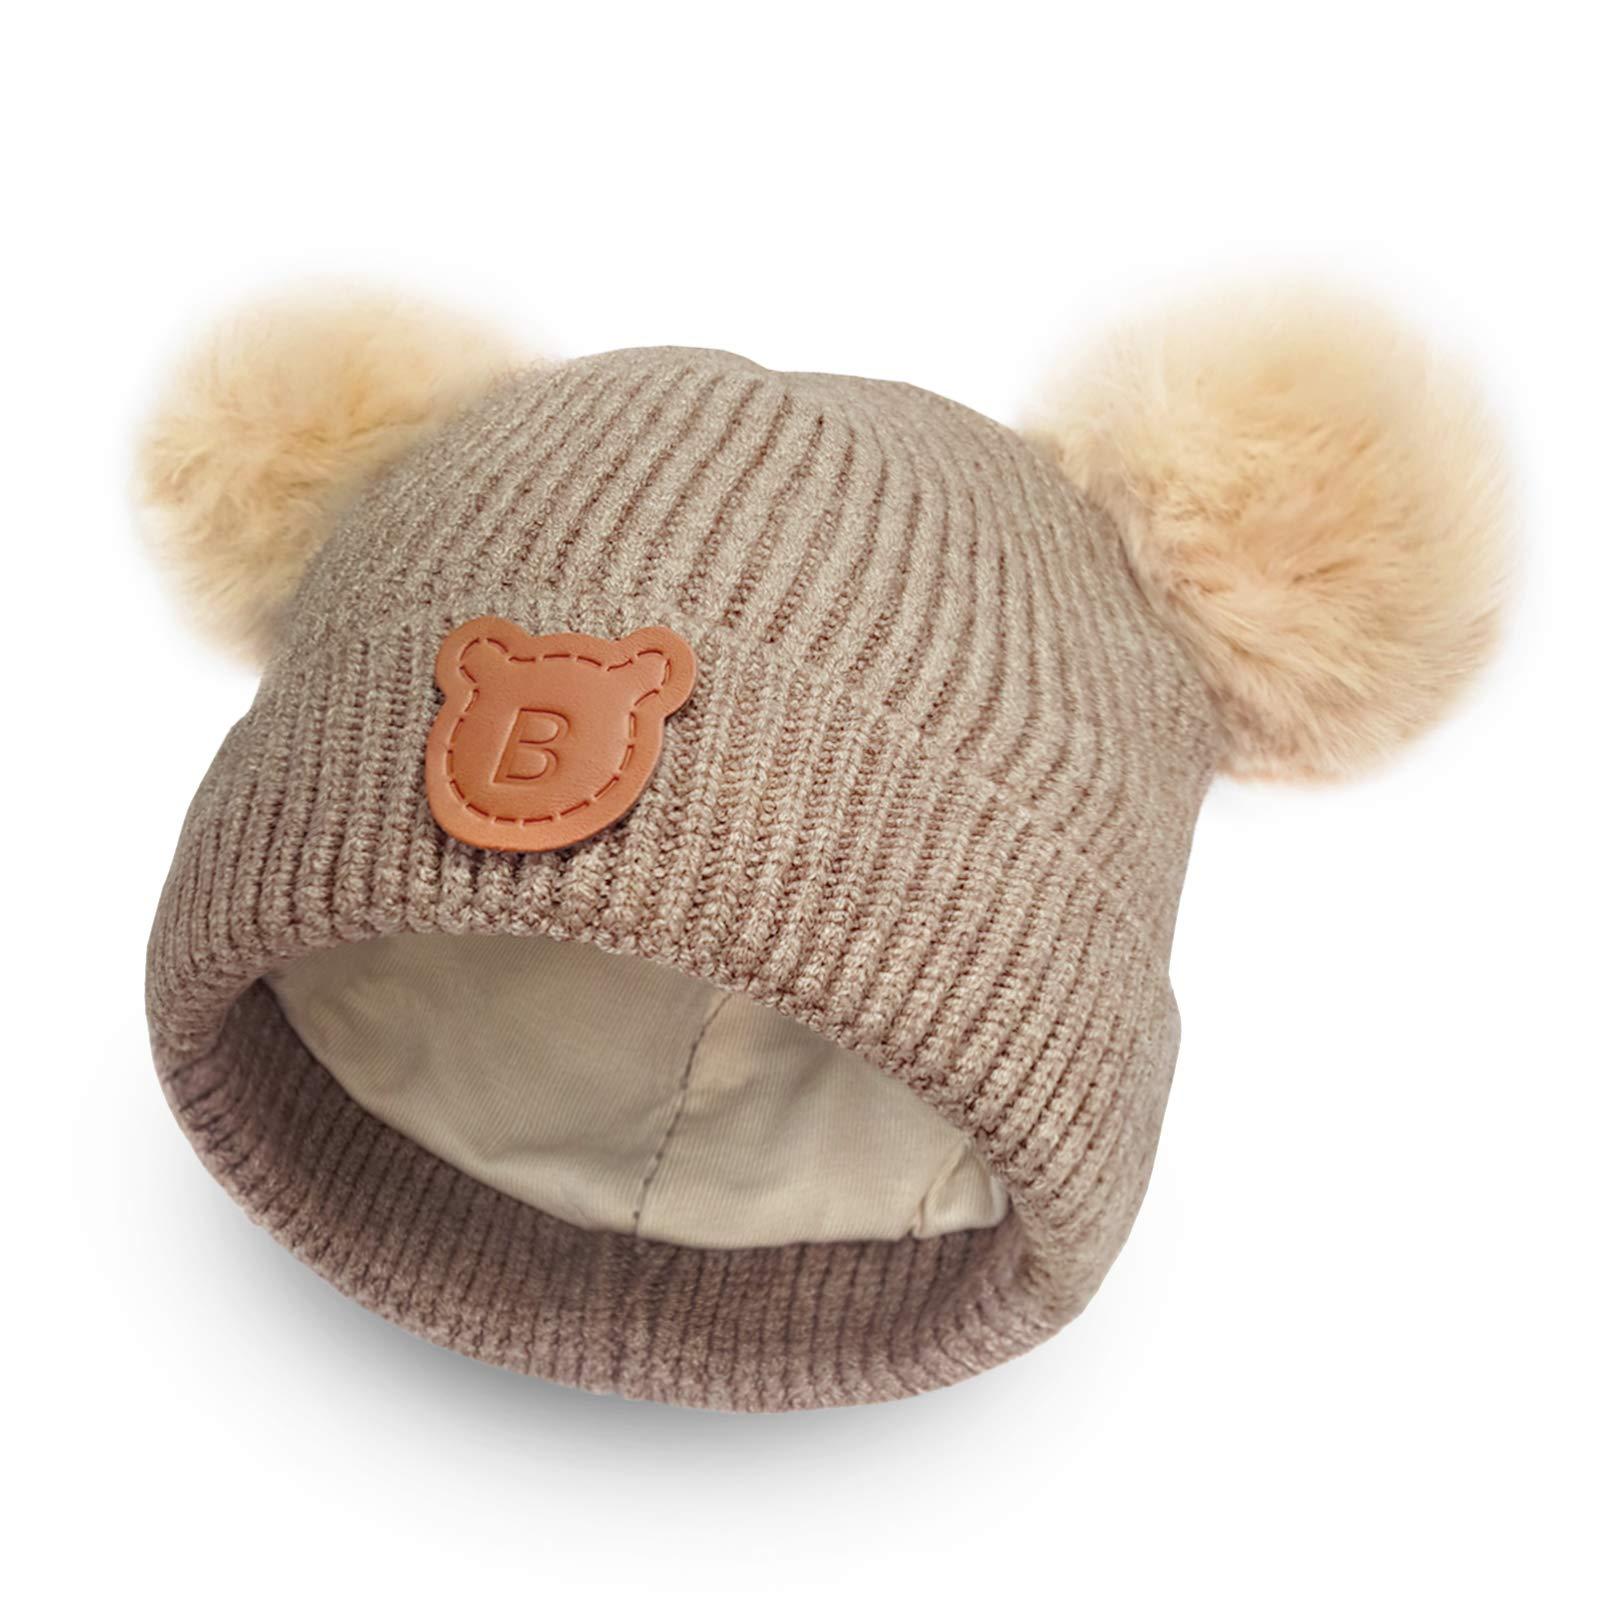 Happy Tree Baby Winter Warm Knit Hat Cozy Cotton Lined Toddler Boys Girls Beanie Cap Kids Pom Pom Beanie (6m - 18m)